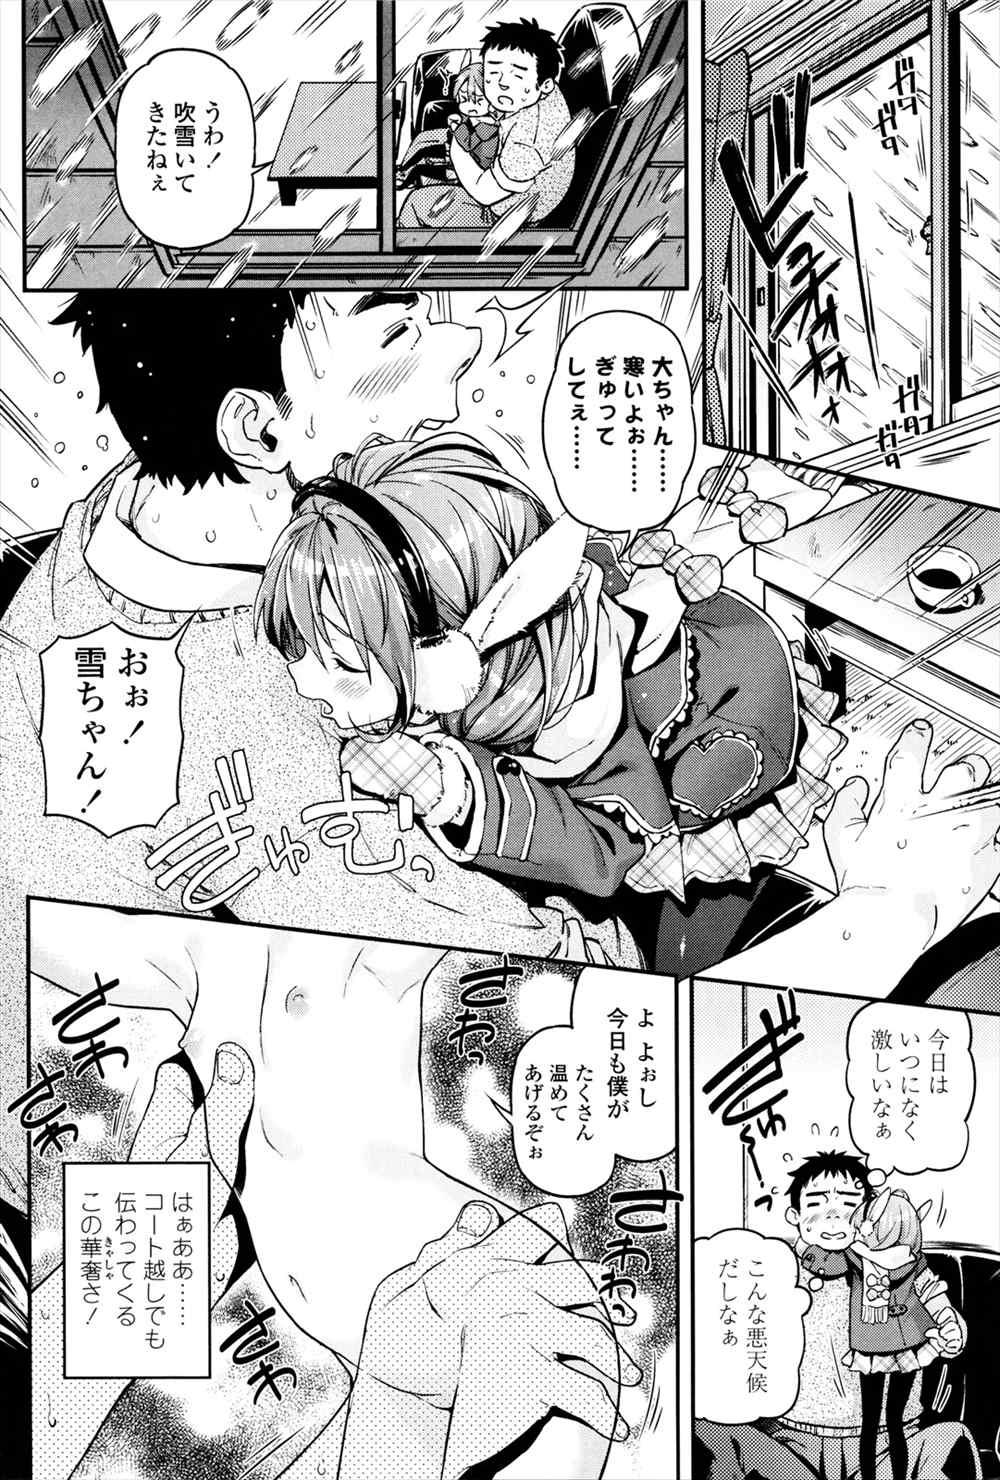 【エロ漫画】かわいい貧乳少女のオマンコに生挿入中出し…フェラチオ着衣ハメしちゃうww【きんく:とけちゃう】